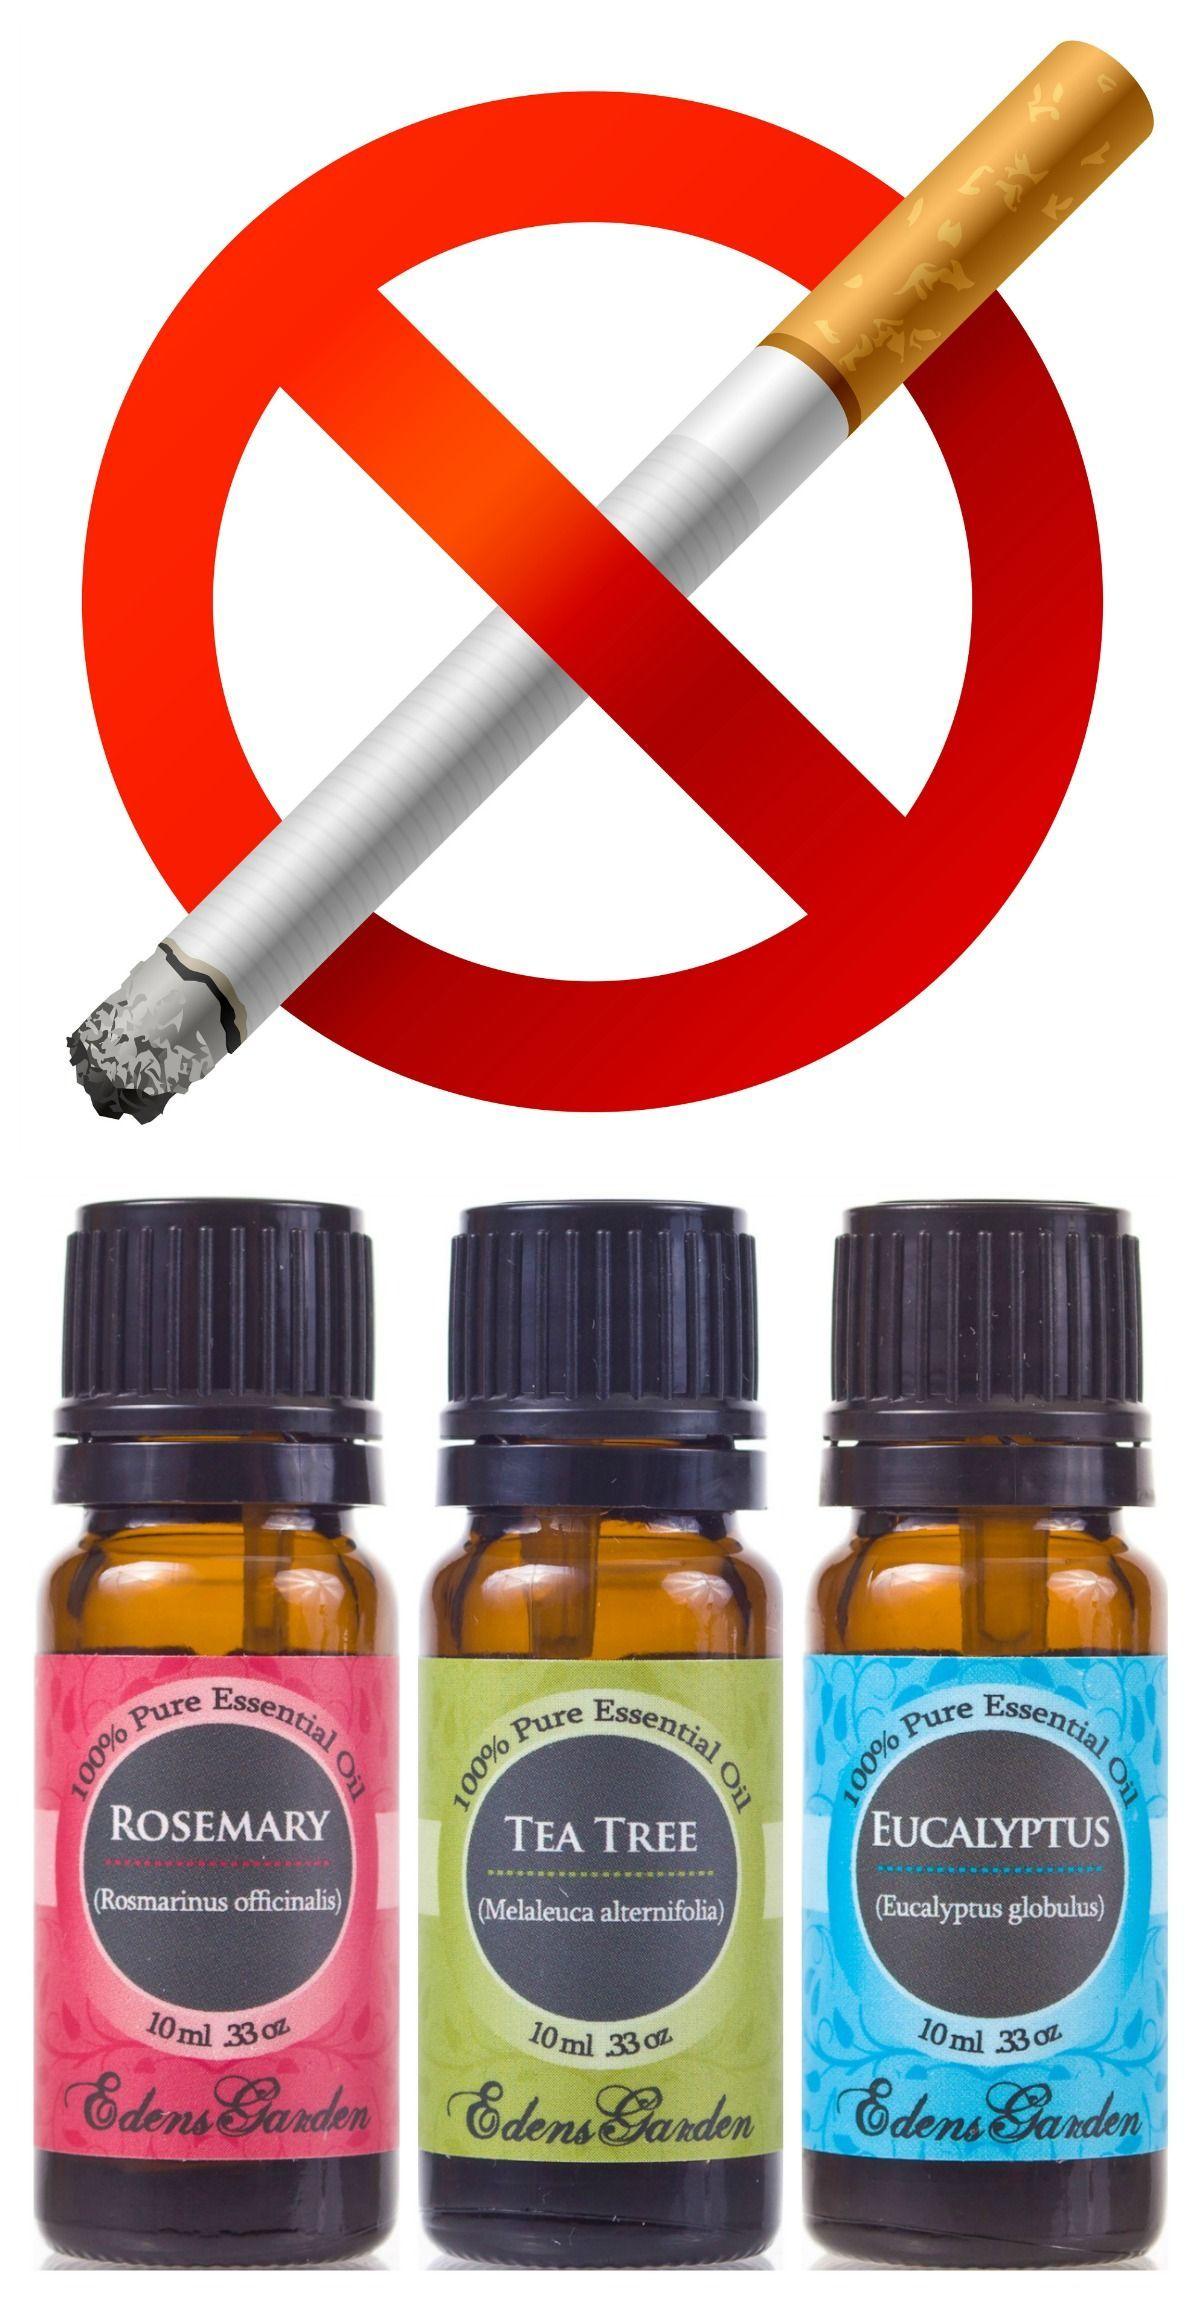 egy hónappal azután hagyta abba a dohányzást a dohányzásról való leszokás a vérnyomás meredeken emelkedett